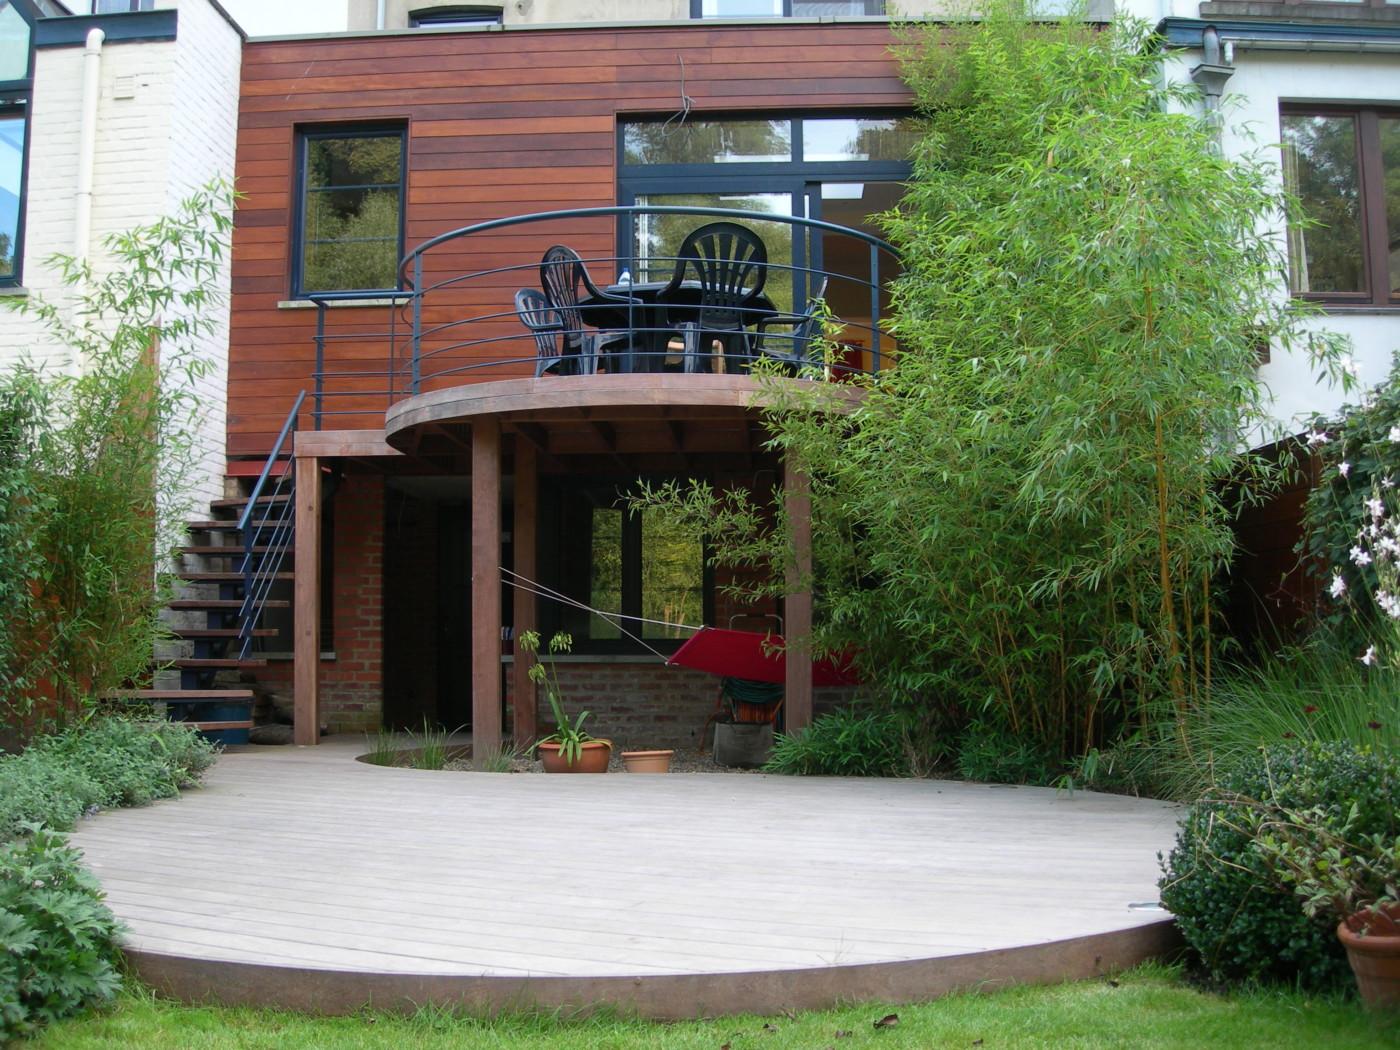 terrasse bois ronde interesting table ronde bois rallonge terrasse bois avec table moderne bois. Black Bedroom Furniture Sets. Home Design Ideas